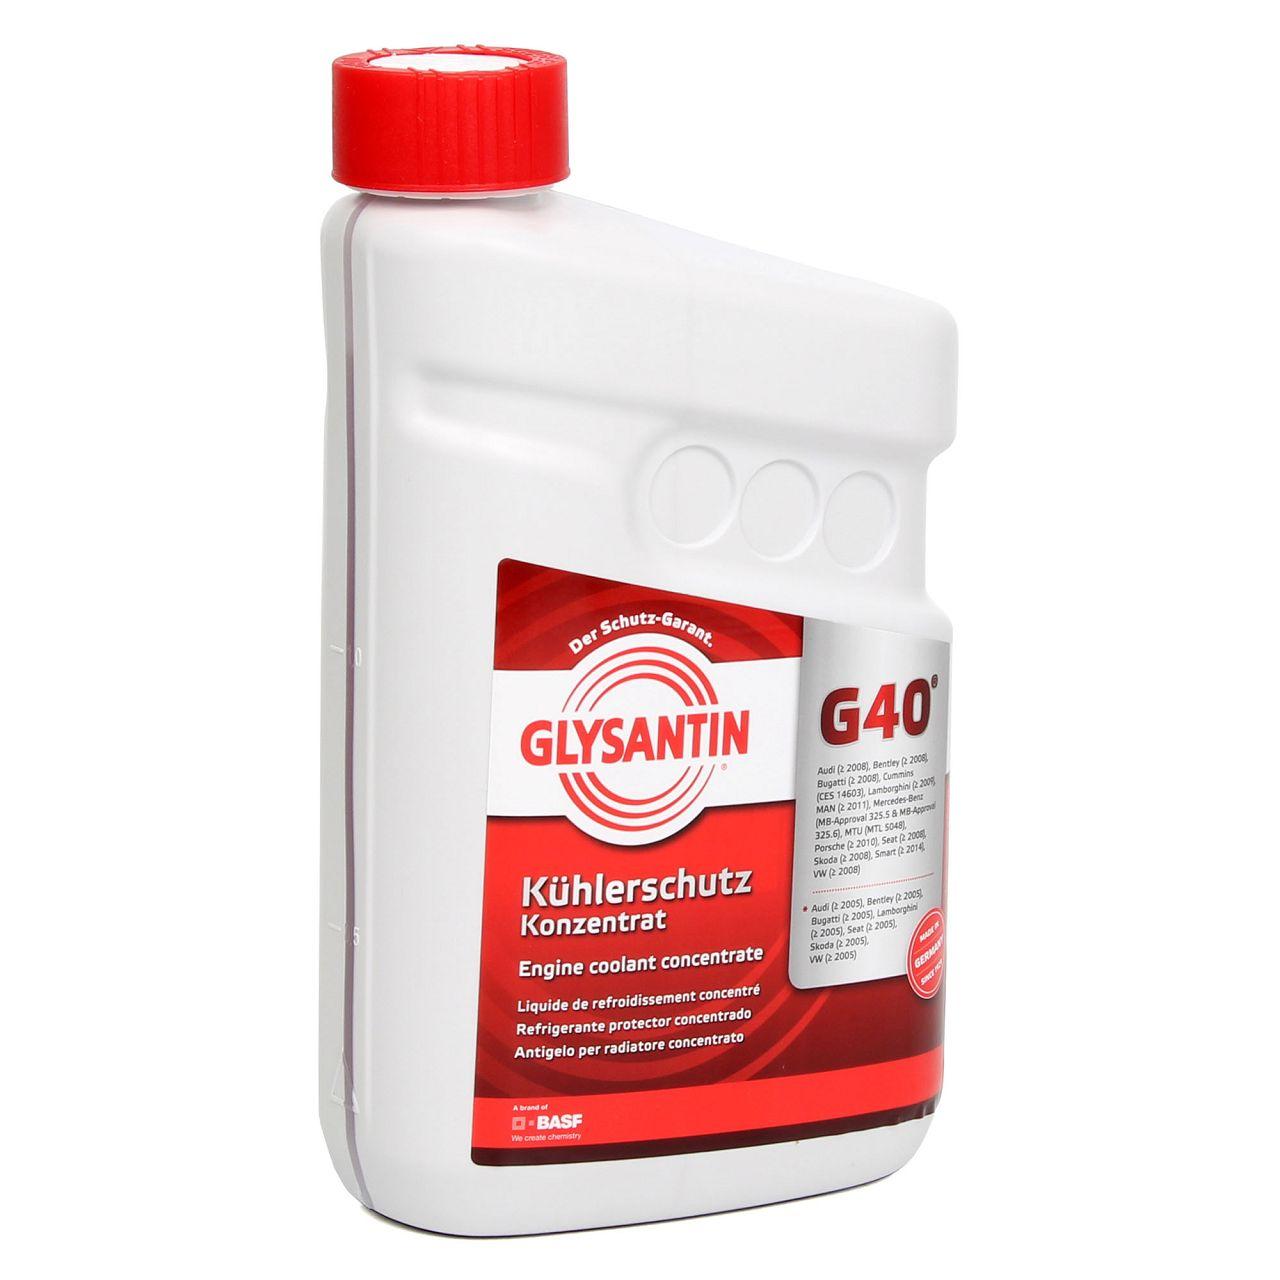 BASF GLYSANTIN Frostschutz Kühlerfrostschutz Konzentrat G40 ROT 1,5 L